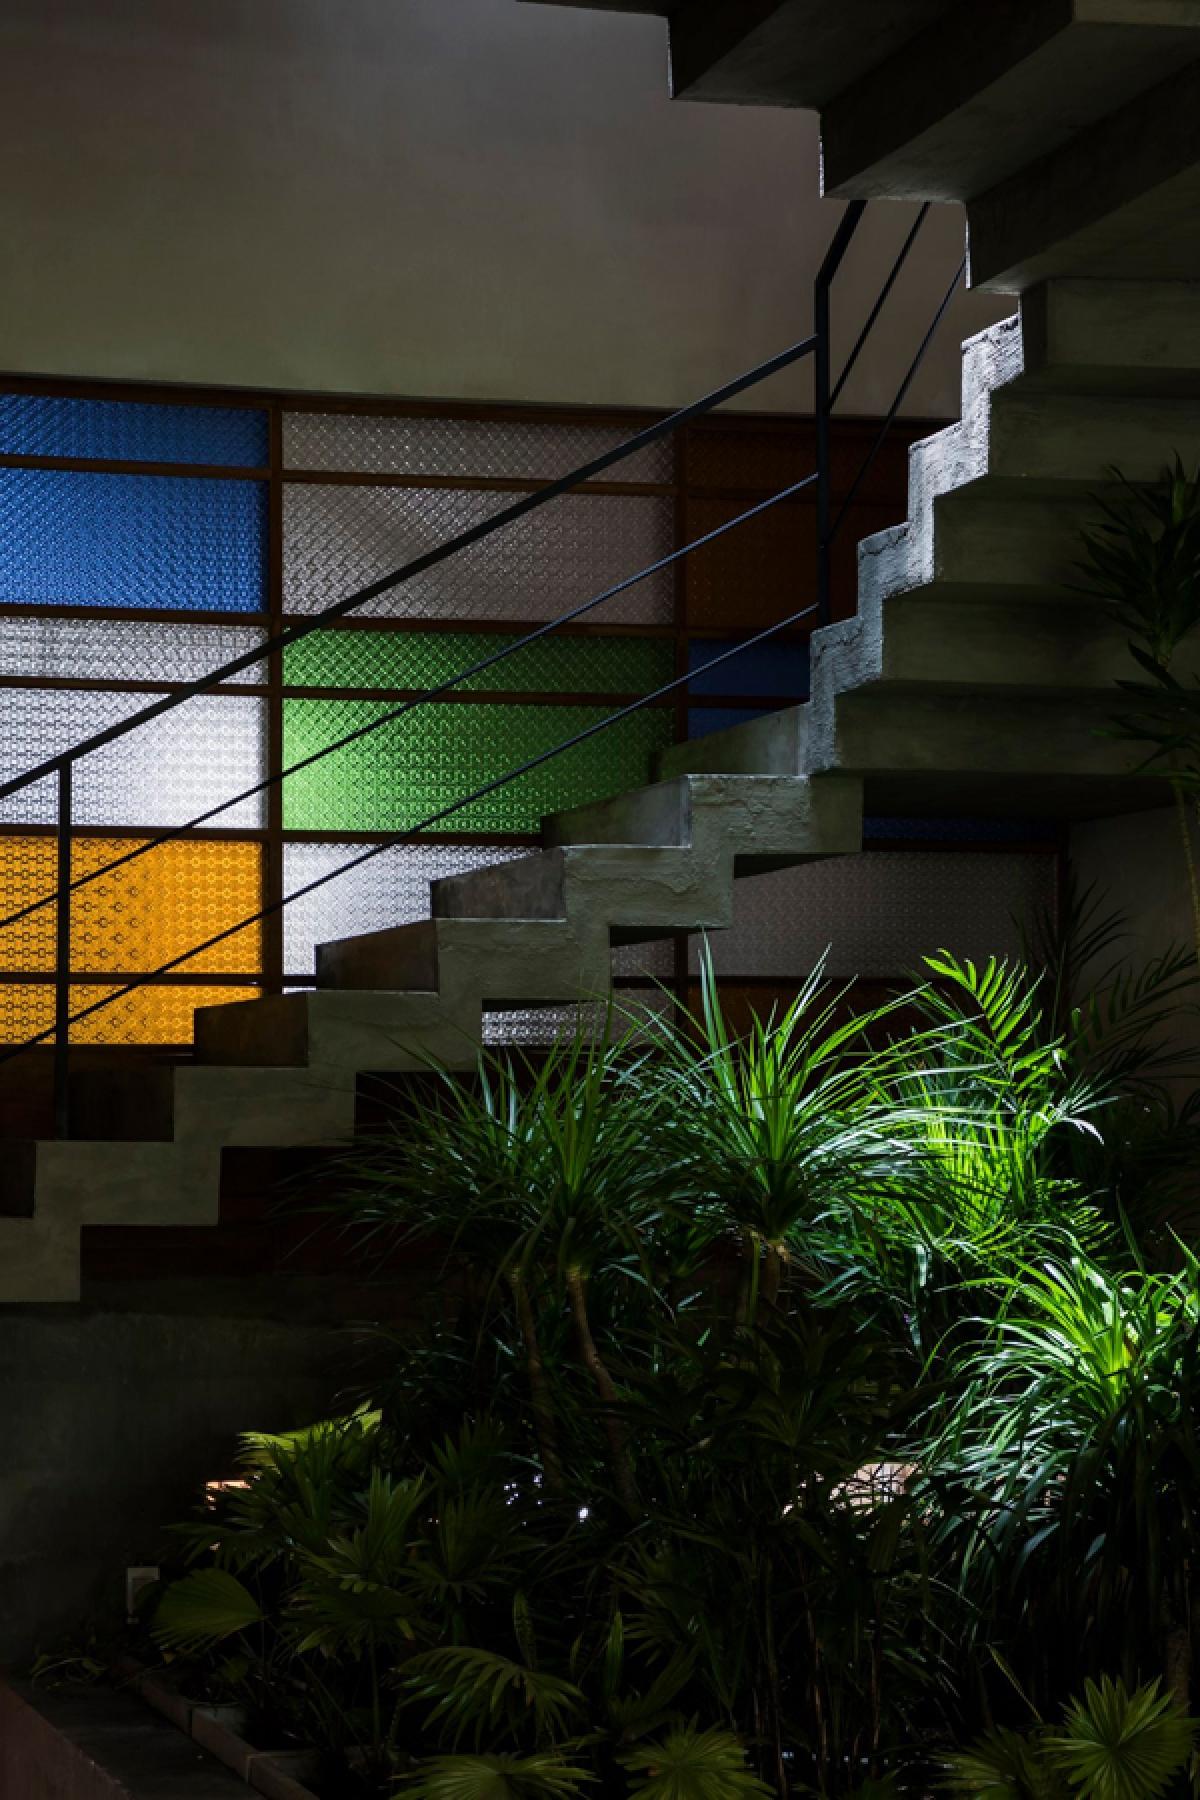 Cầu thang được đổ bê tông nguyên khối, để trần lộ rõ chất liệu thô ráp. Cây xanh và những mảng kính màu làm không gian trở nên sinh động hơn.